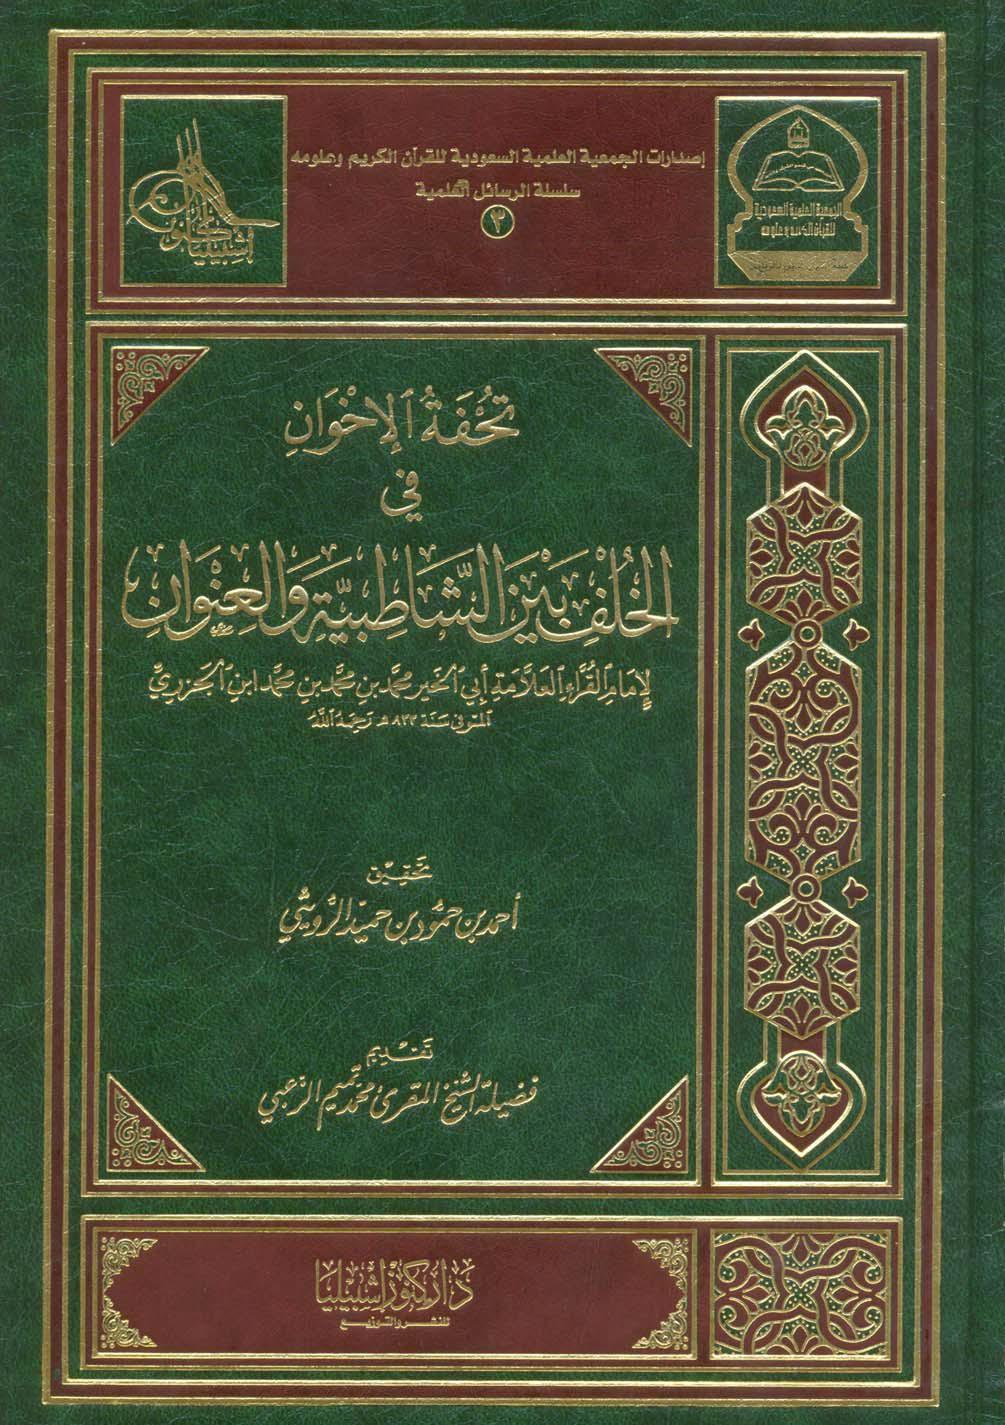 تحميل كتاب تحفة الإخوان في الخُلف بين الشاطبية والعنوان (ت. أحمد الرويثي) لـِ: ابن الجزري